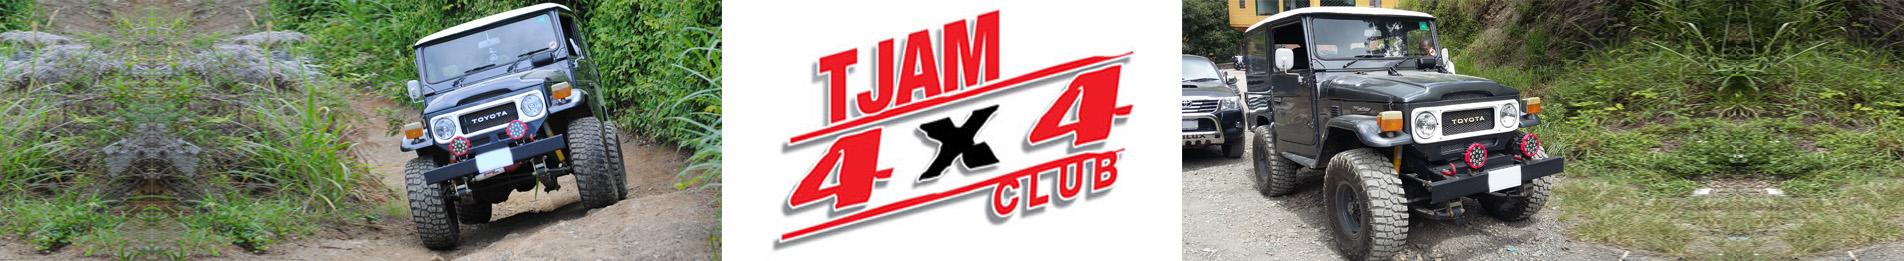 TJAM 4x4 Club